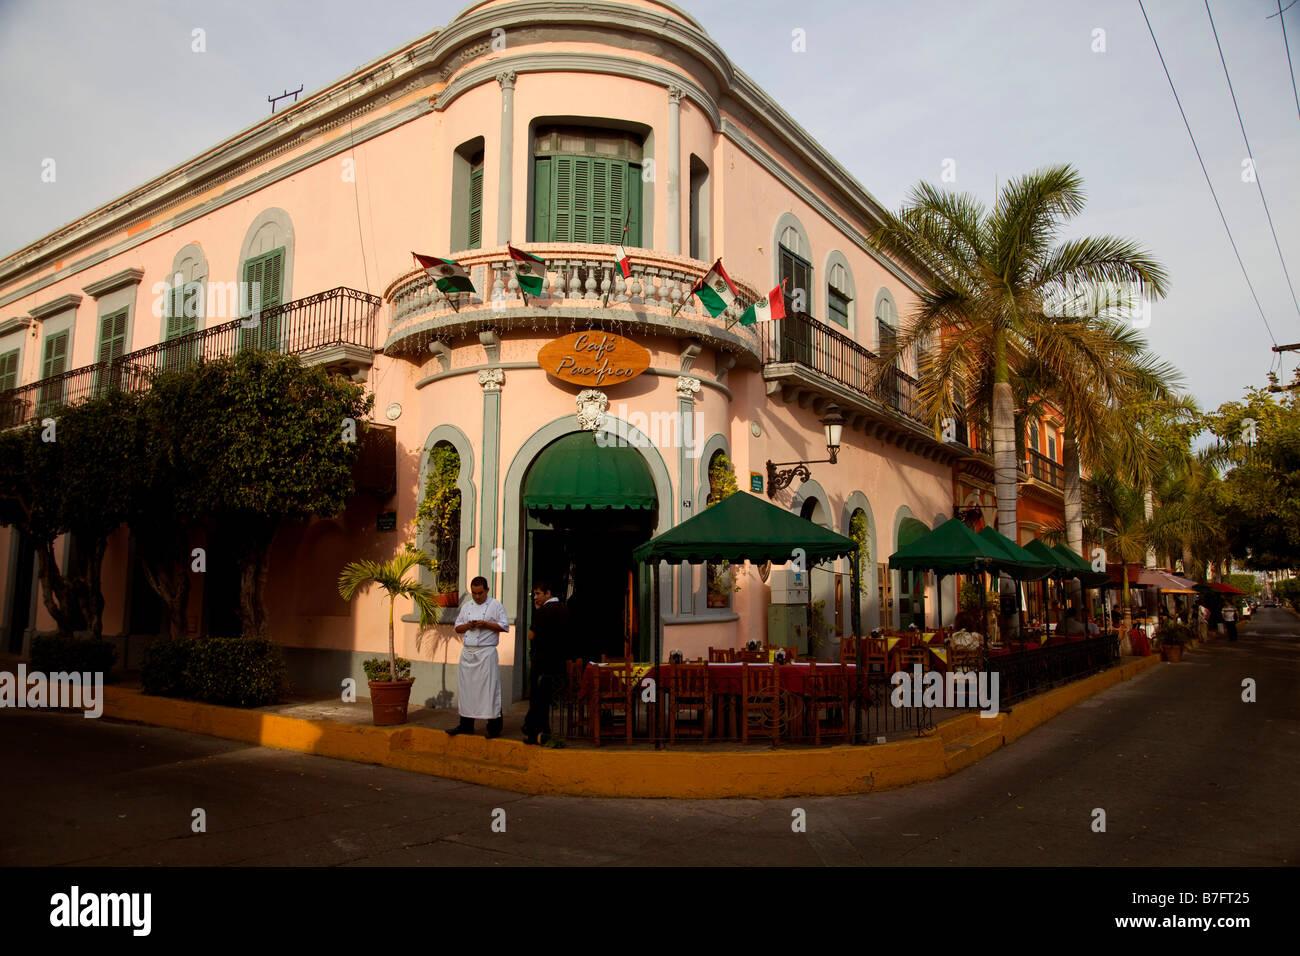 Cafe Pacifico Old Town Mazatlan Sinaloa Mexico - Stock Image